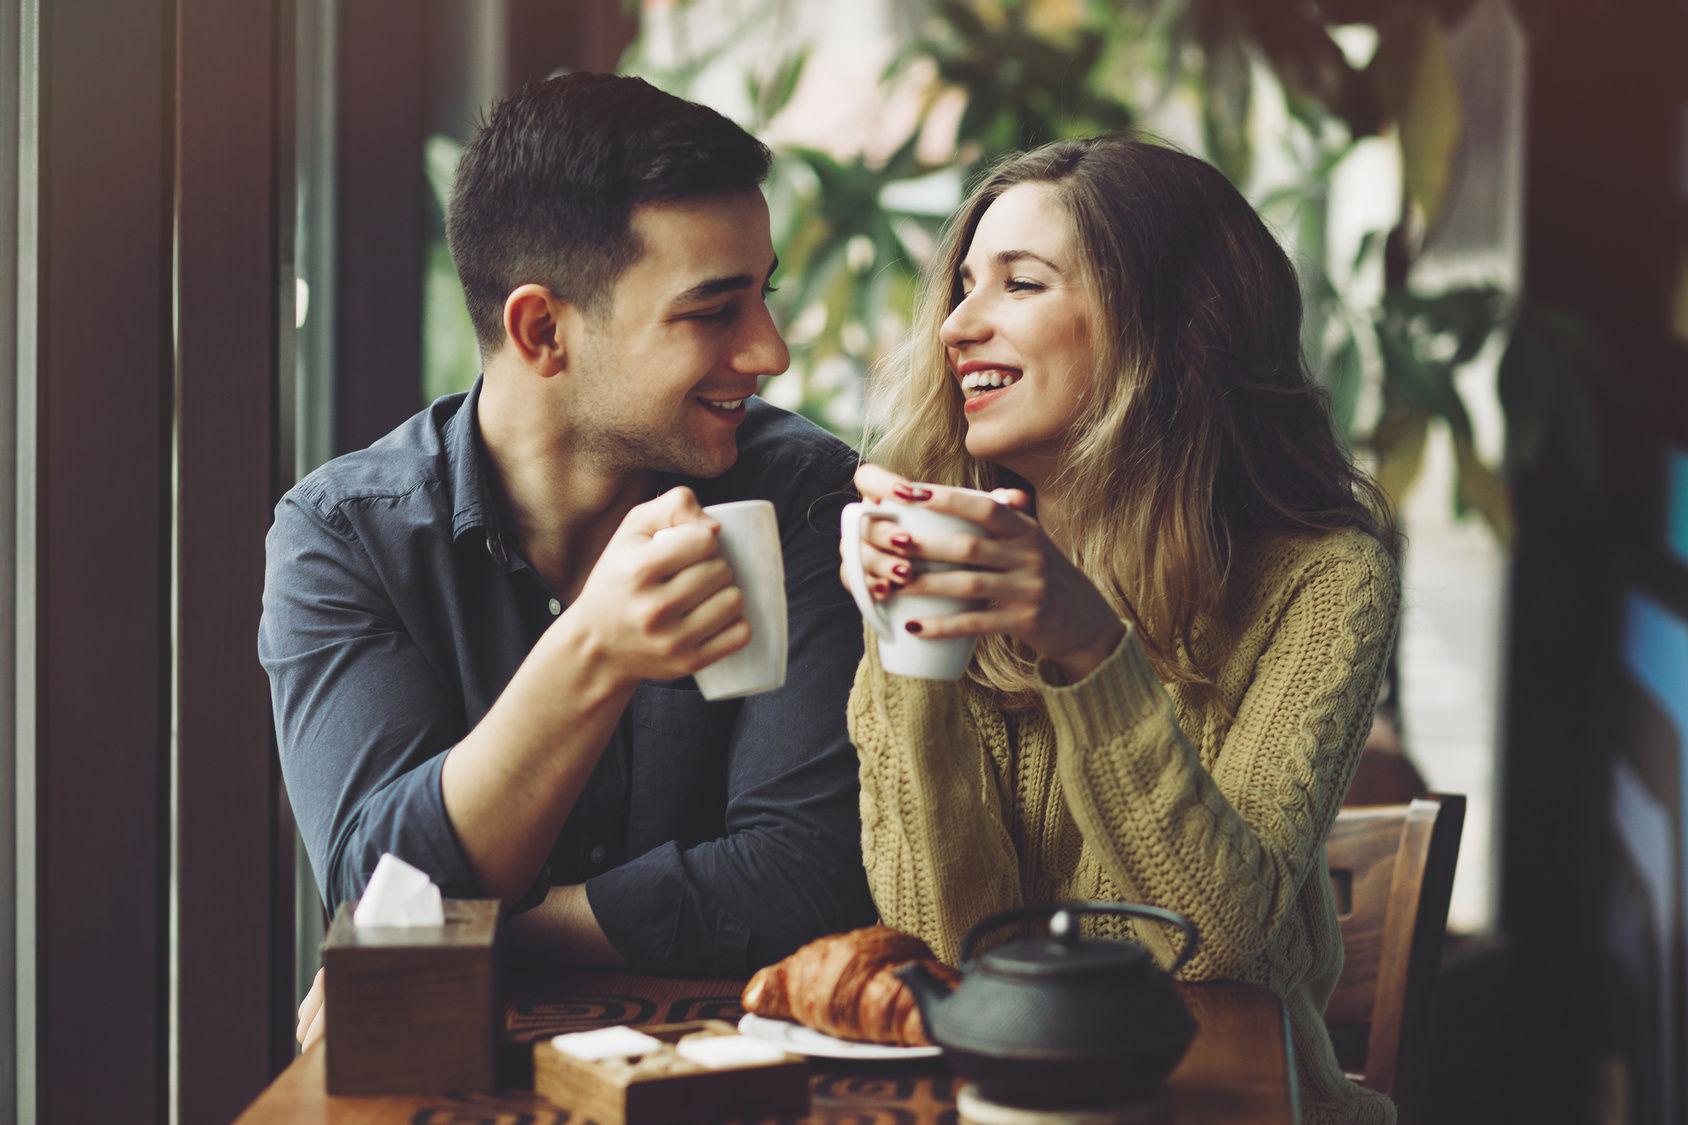 برای ازدواج آیا عشق کافی است